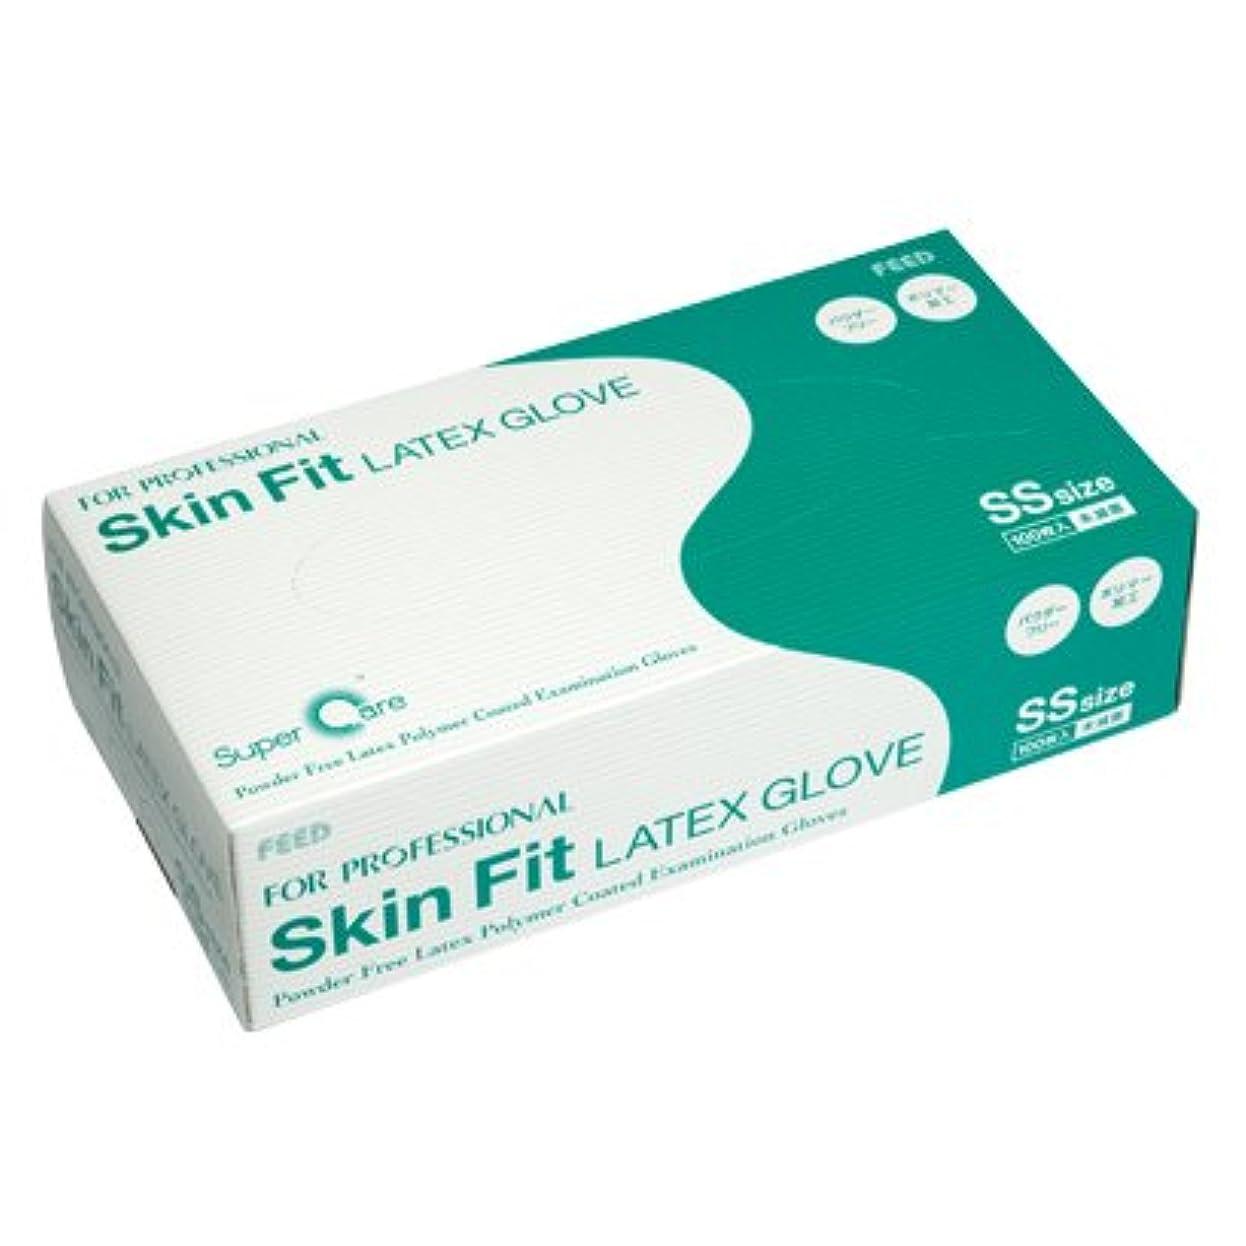 自動化遡る上下するFEED(フィード) Skin Fit ラテックスグローブ パウダーフリー ポリマー加工 SS カートン(10ケース) (医療機器)